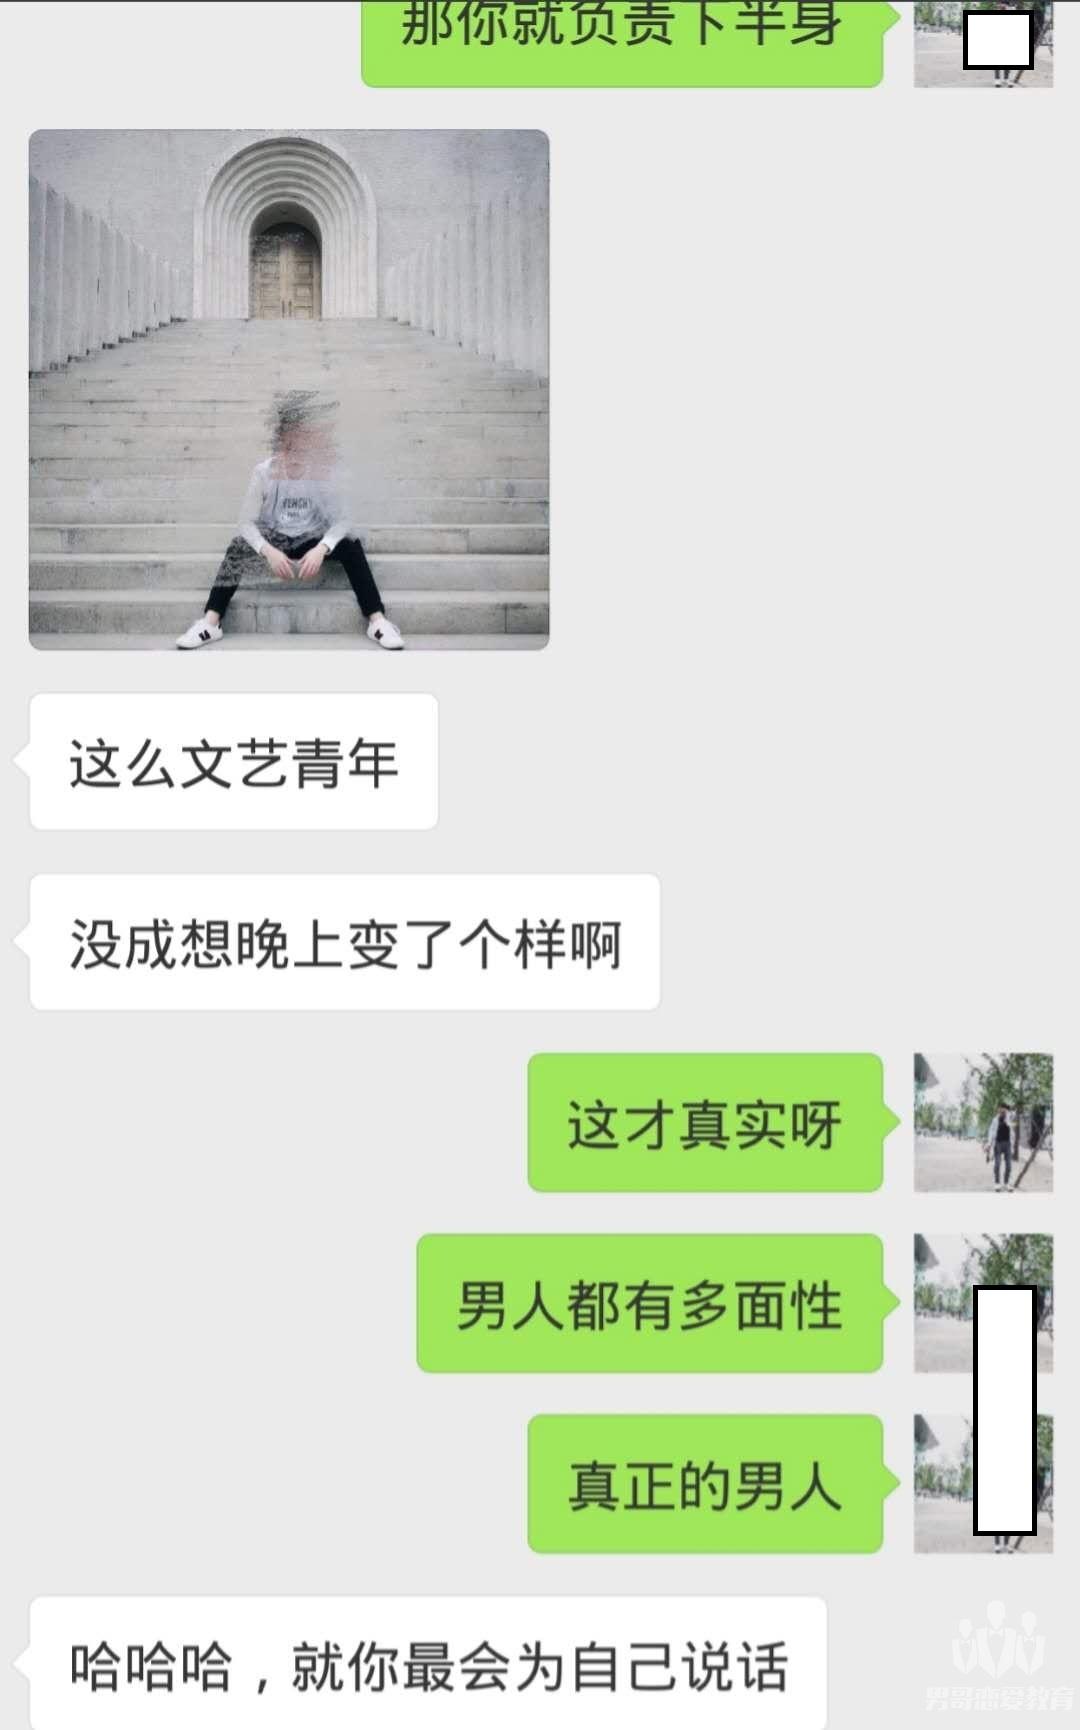 微信图片_20180509152931